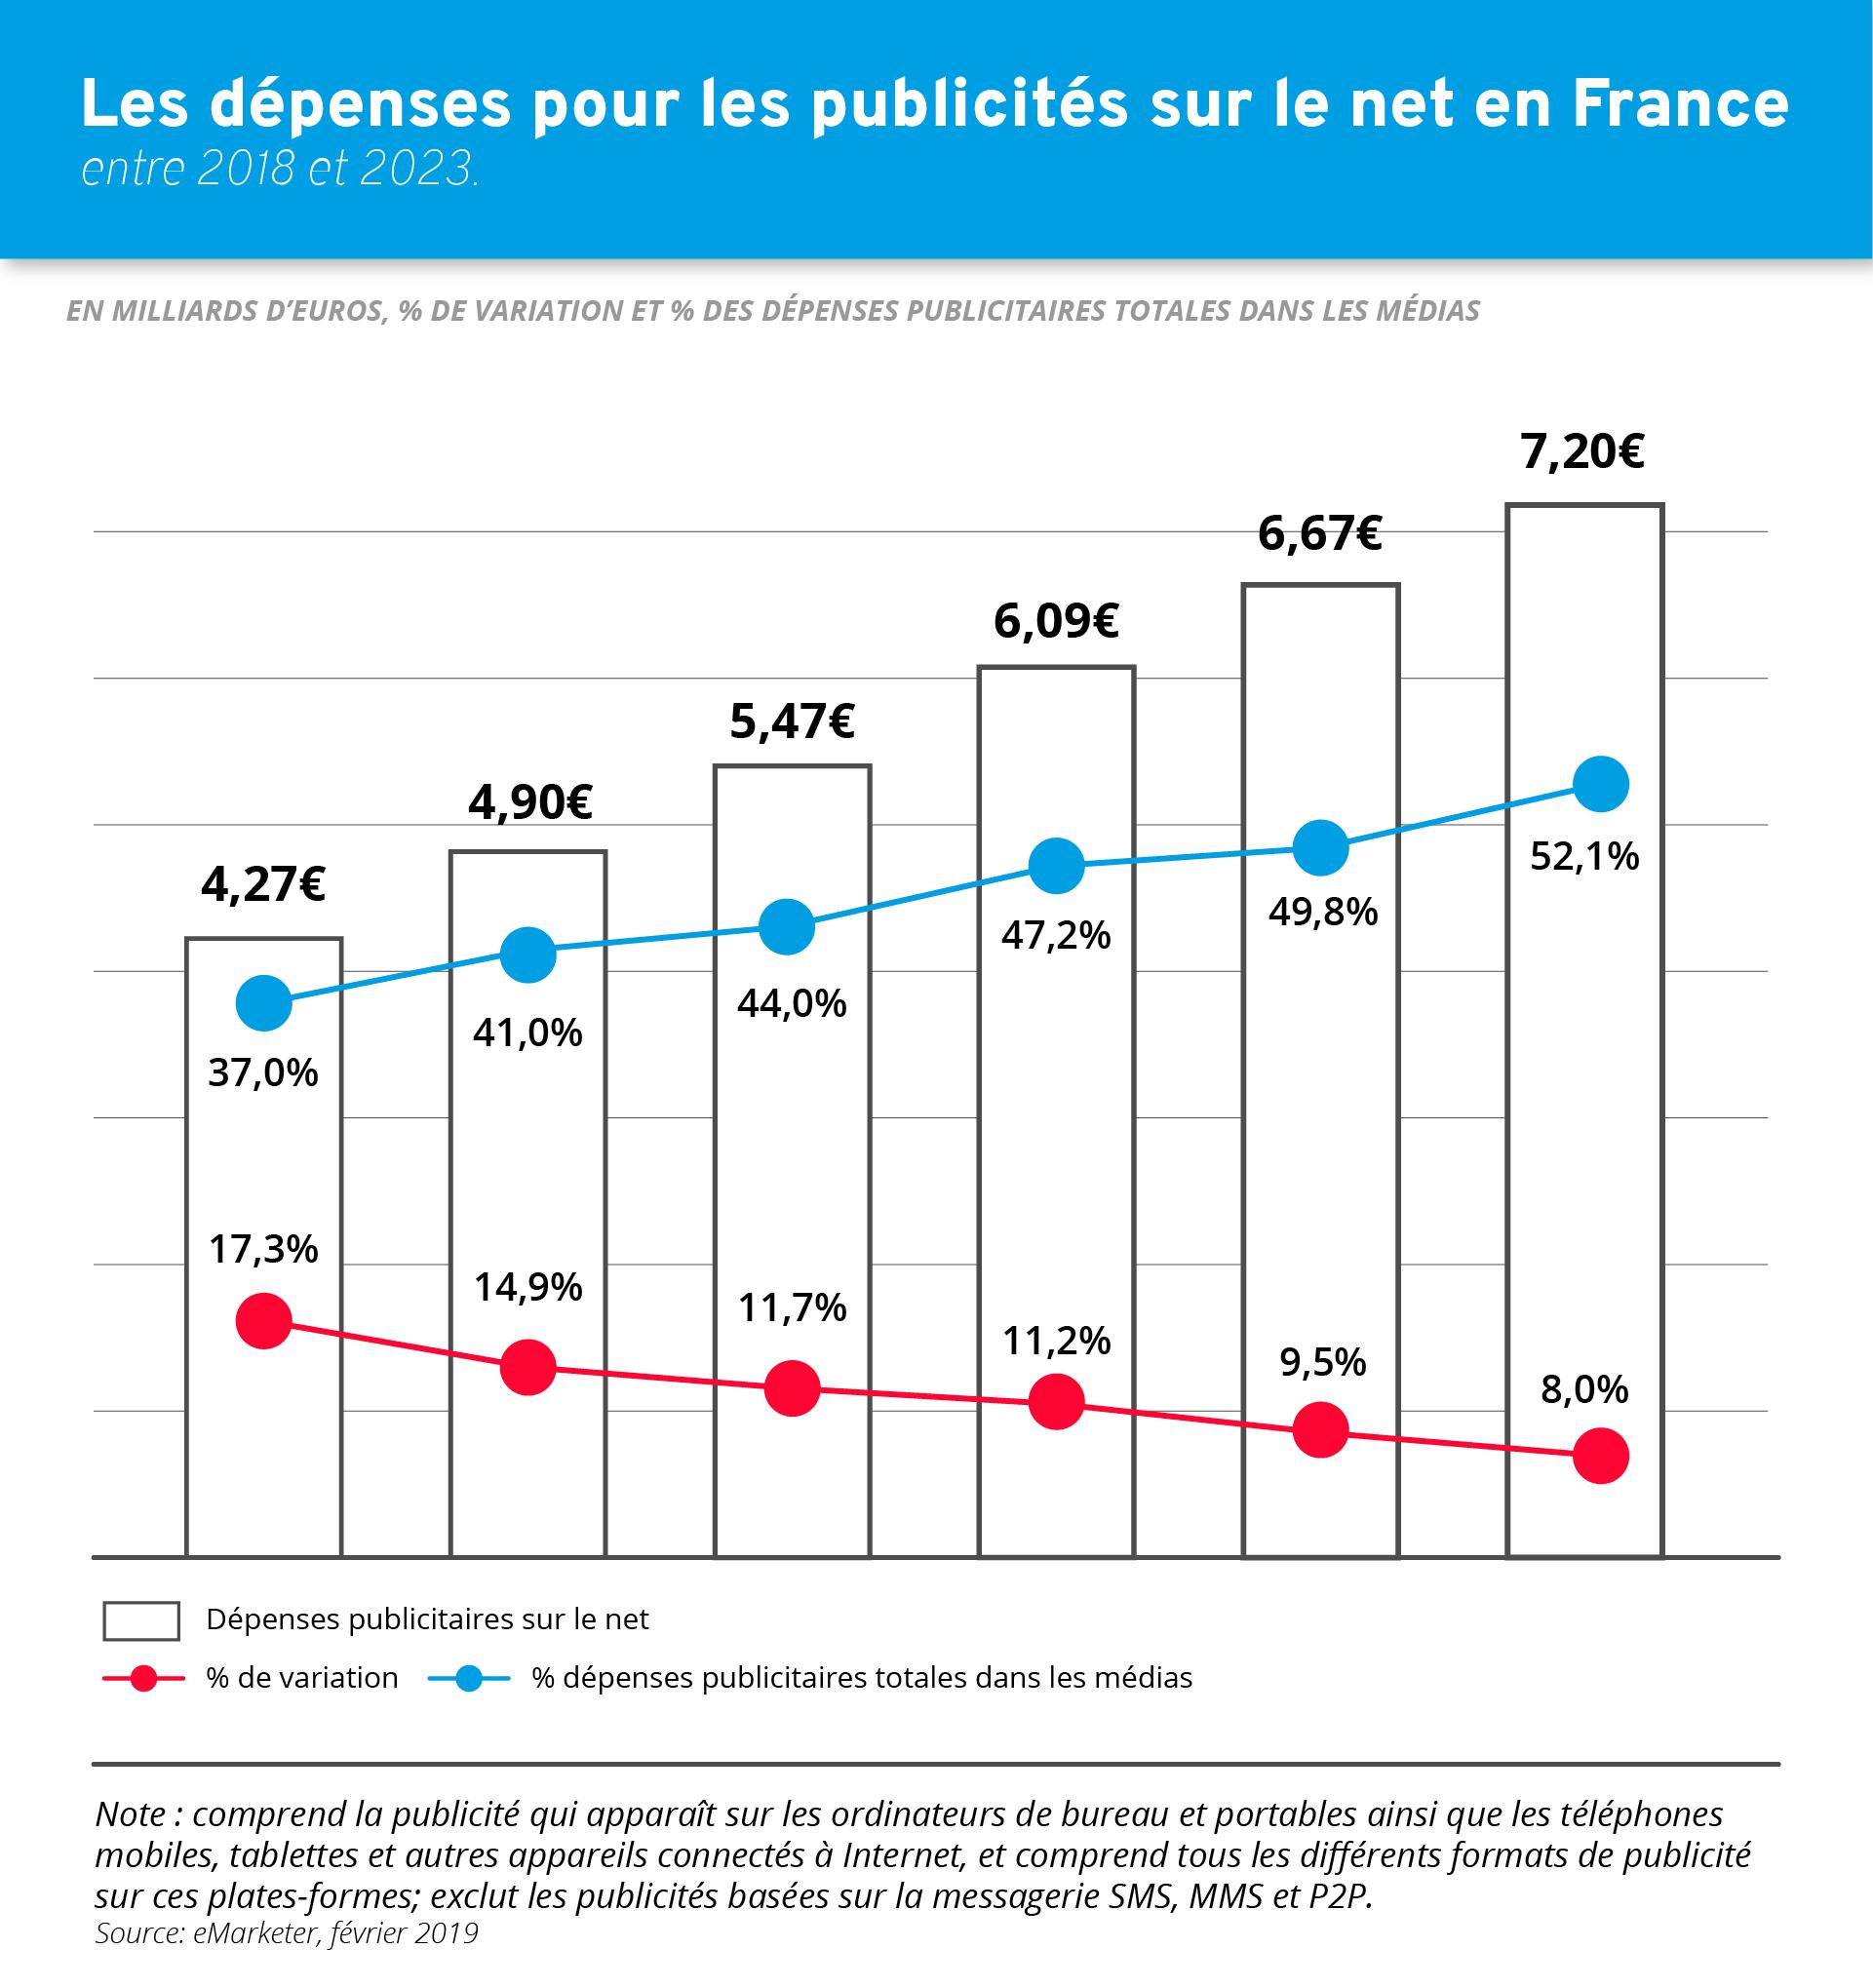 Dépenses pour les publicités sur le net en France